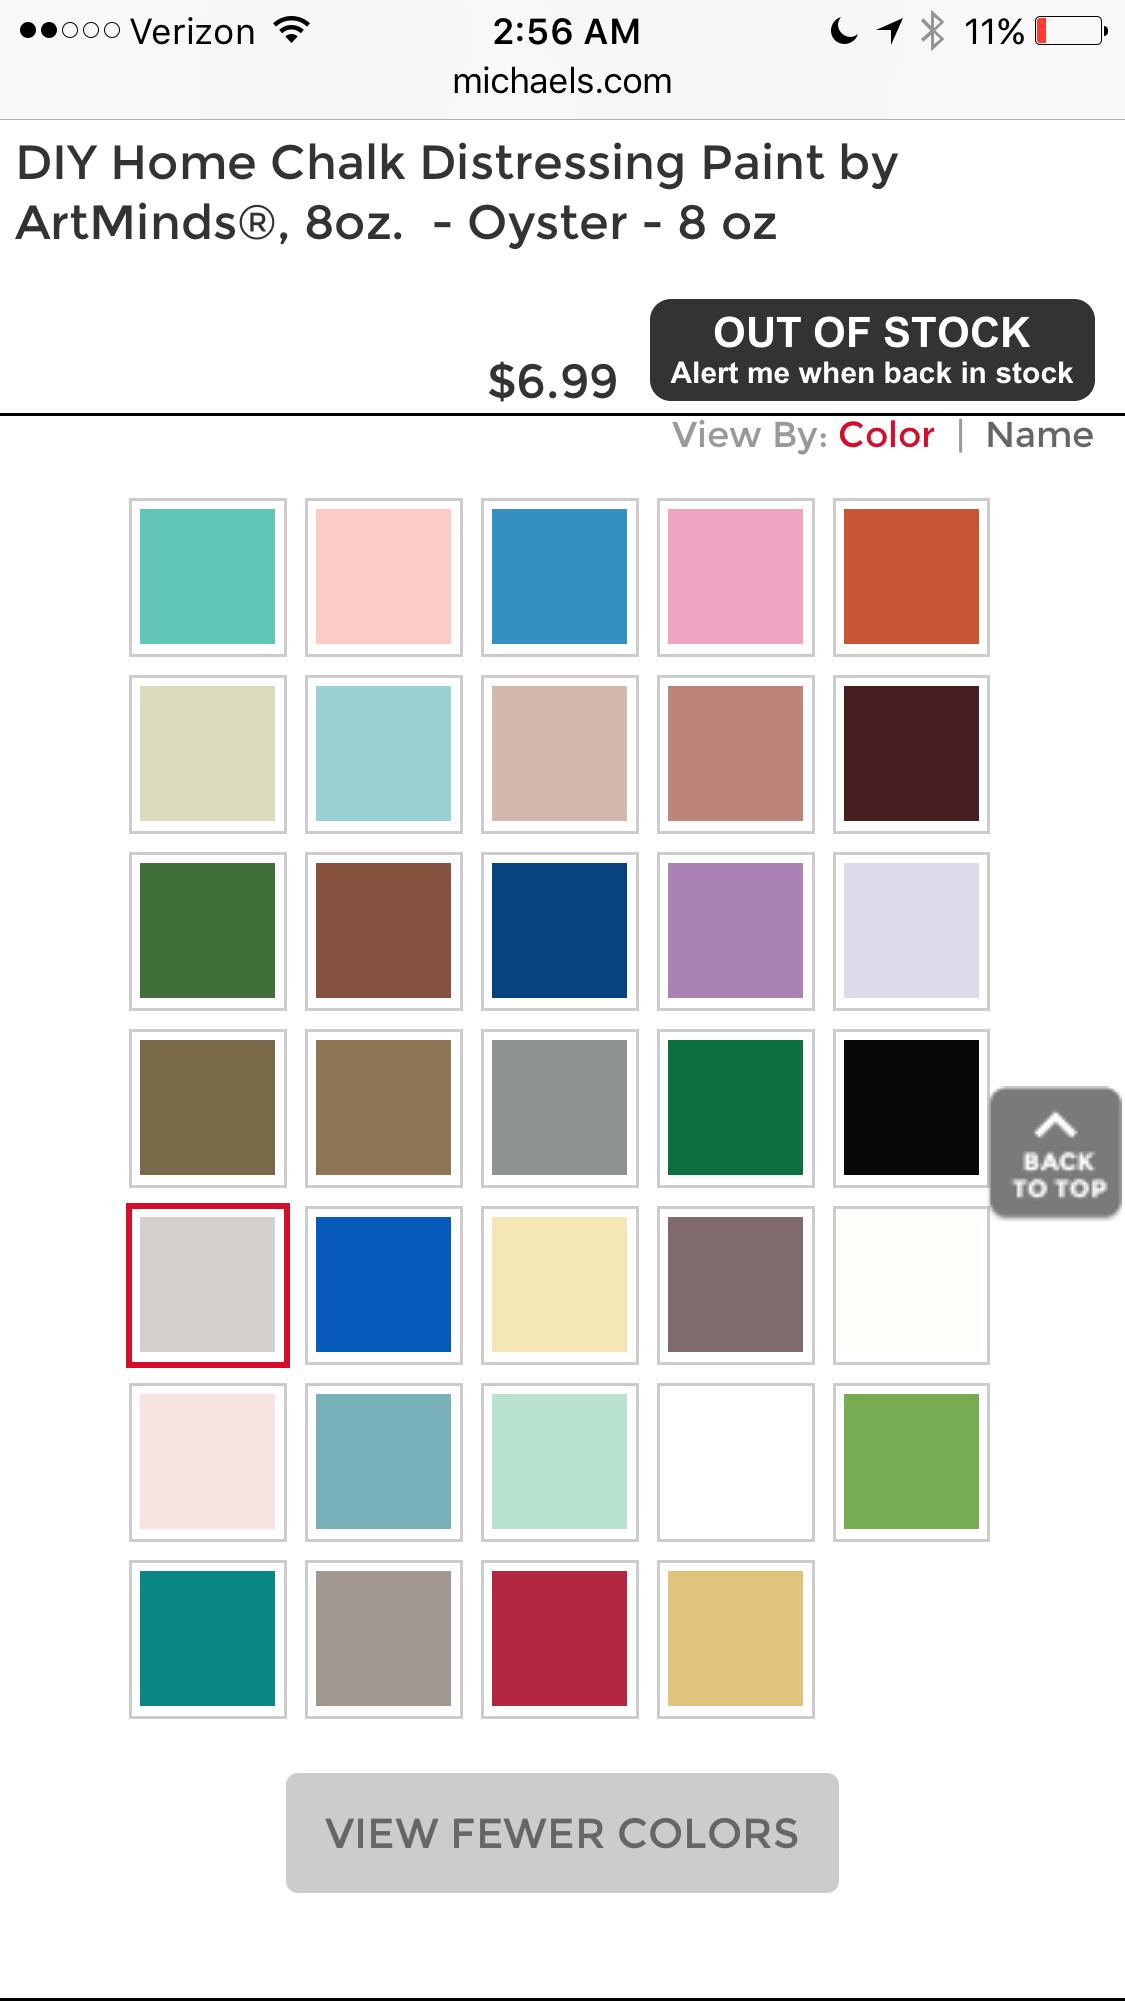 Art Minds Chalk Paint Color Chart